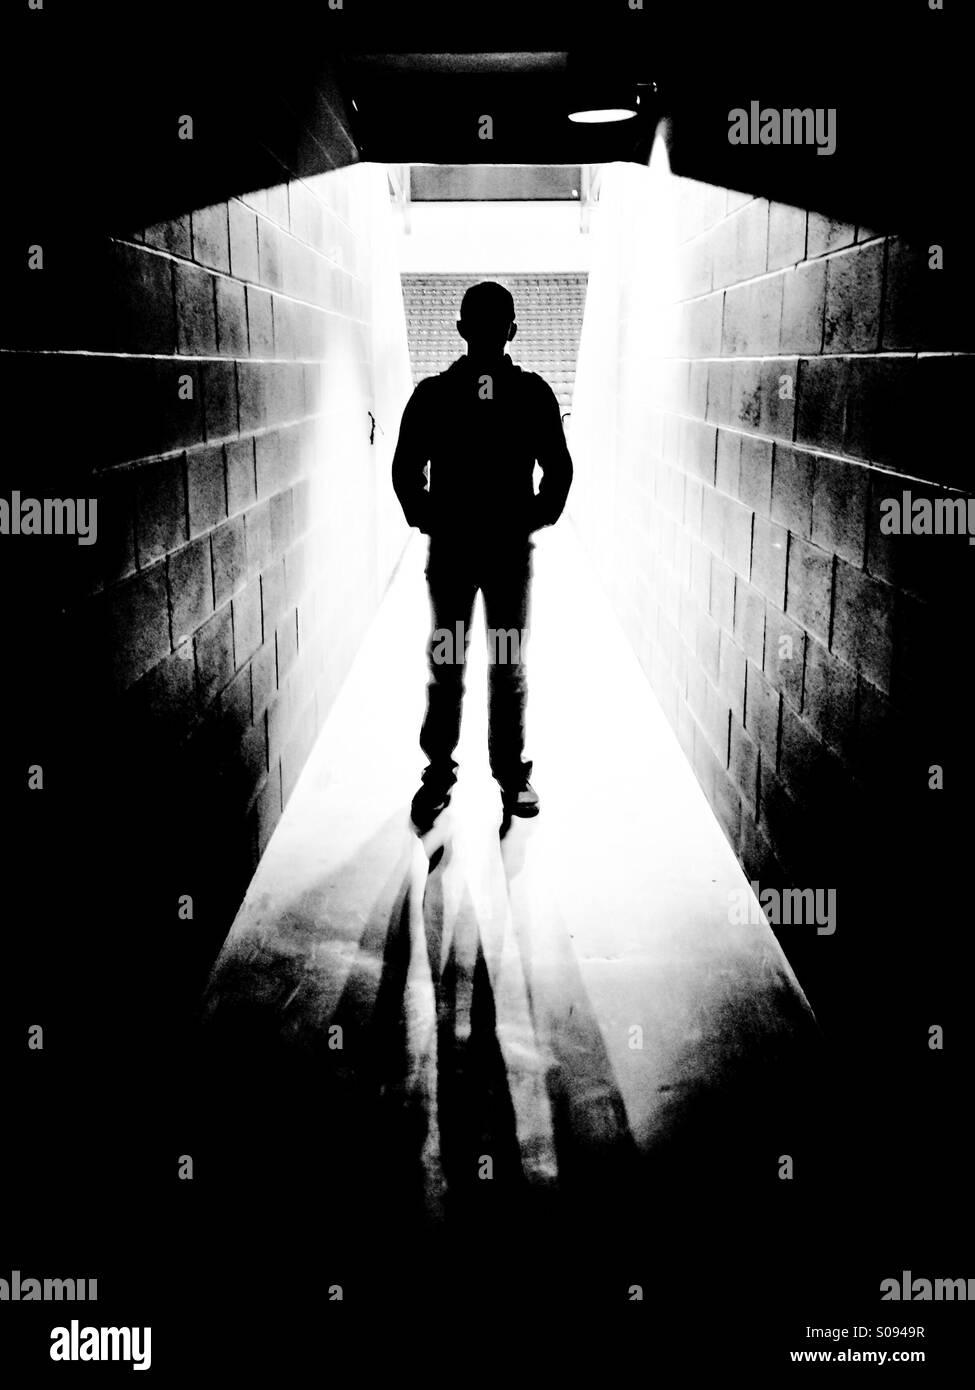 Silhouette de garçon debout dans arena avec tunnel de lumière qui brille de l'arrière. Photo Stock